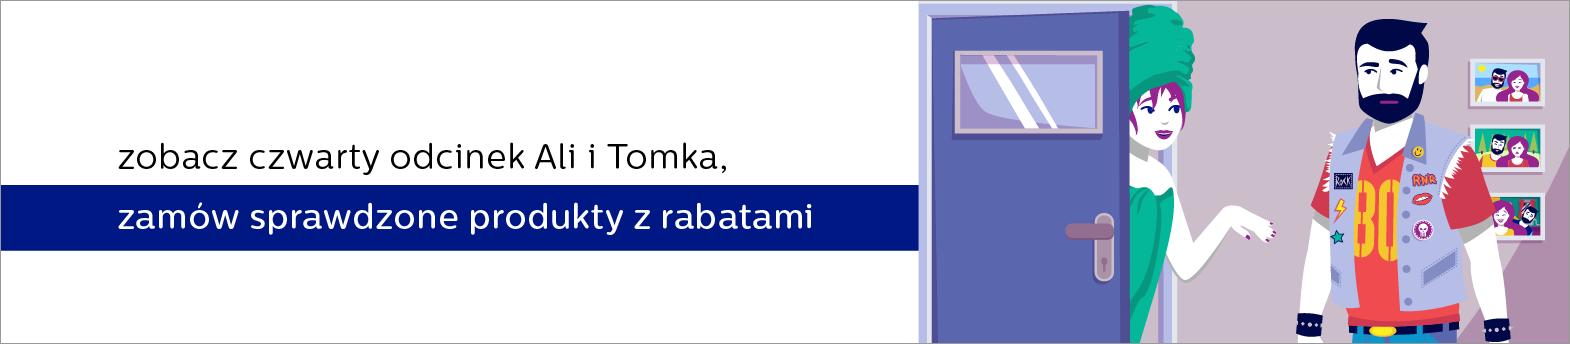 Ala i Tomek odcinek 4